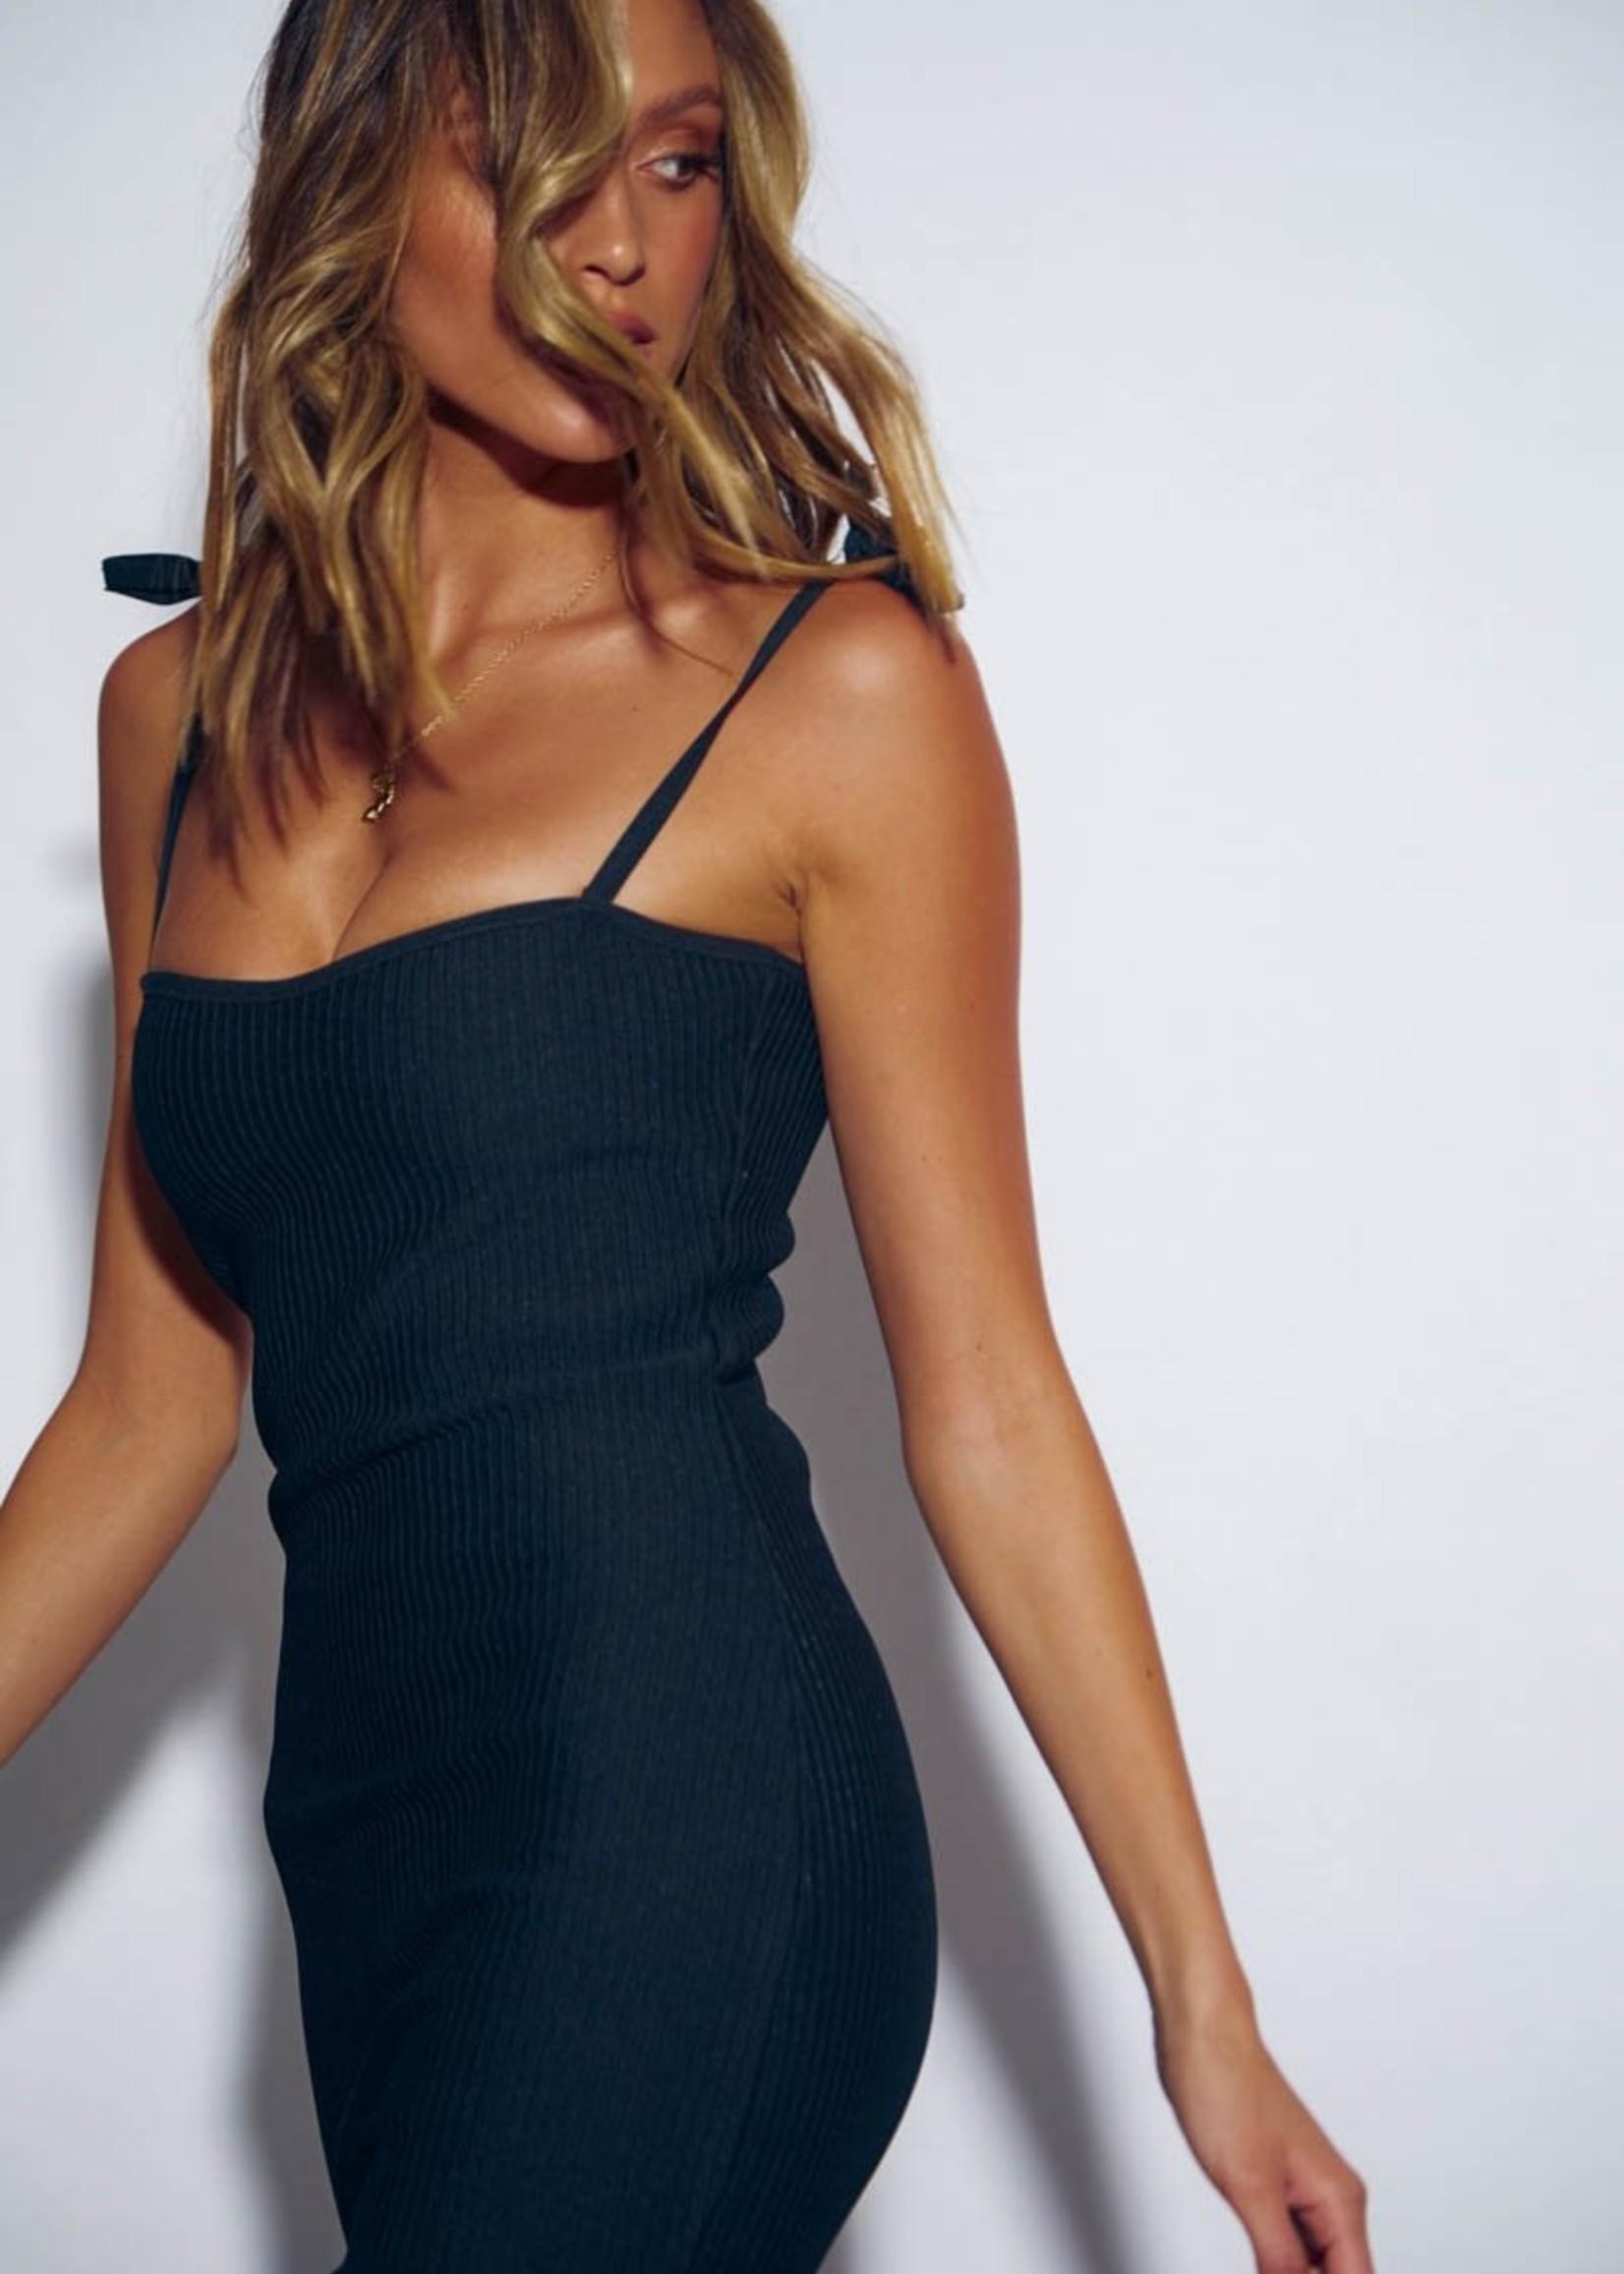 SNDYS Vienna Dress